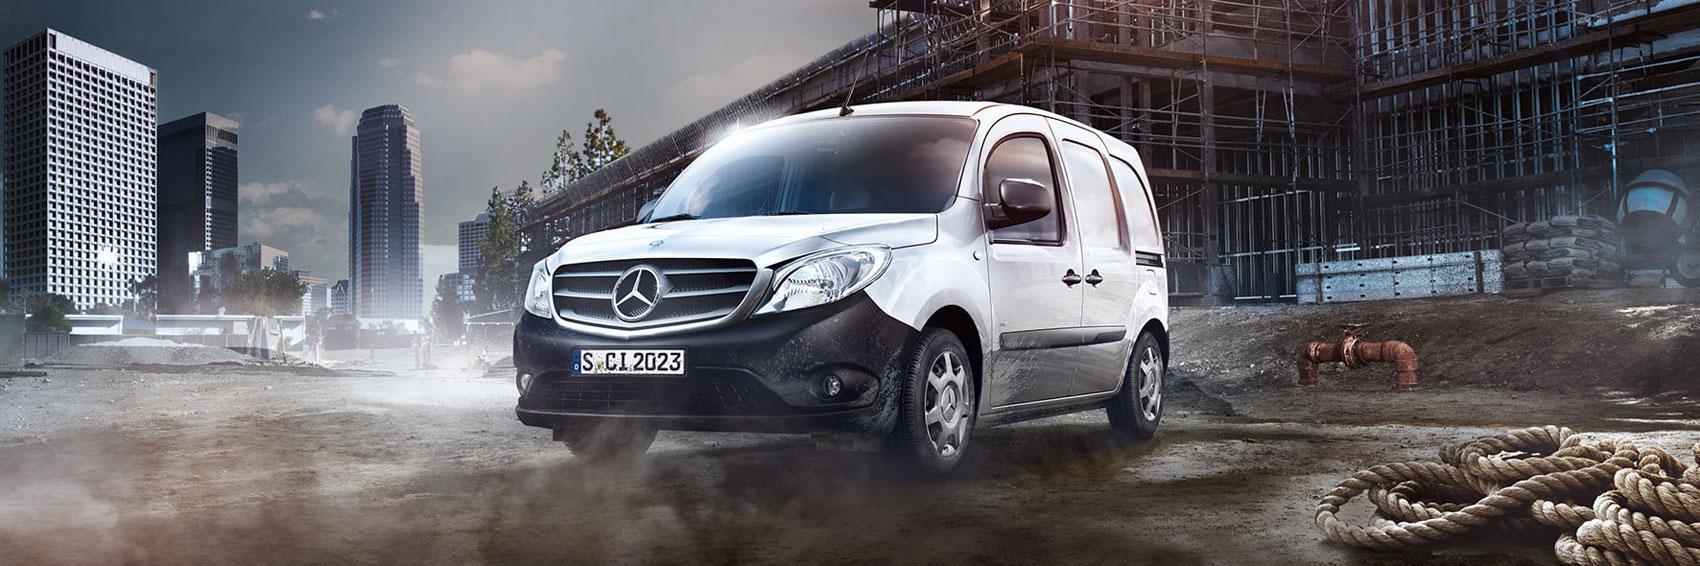 Werkstattleistungen Lkw & Transporter